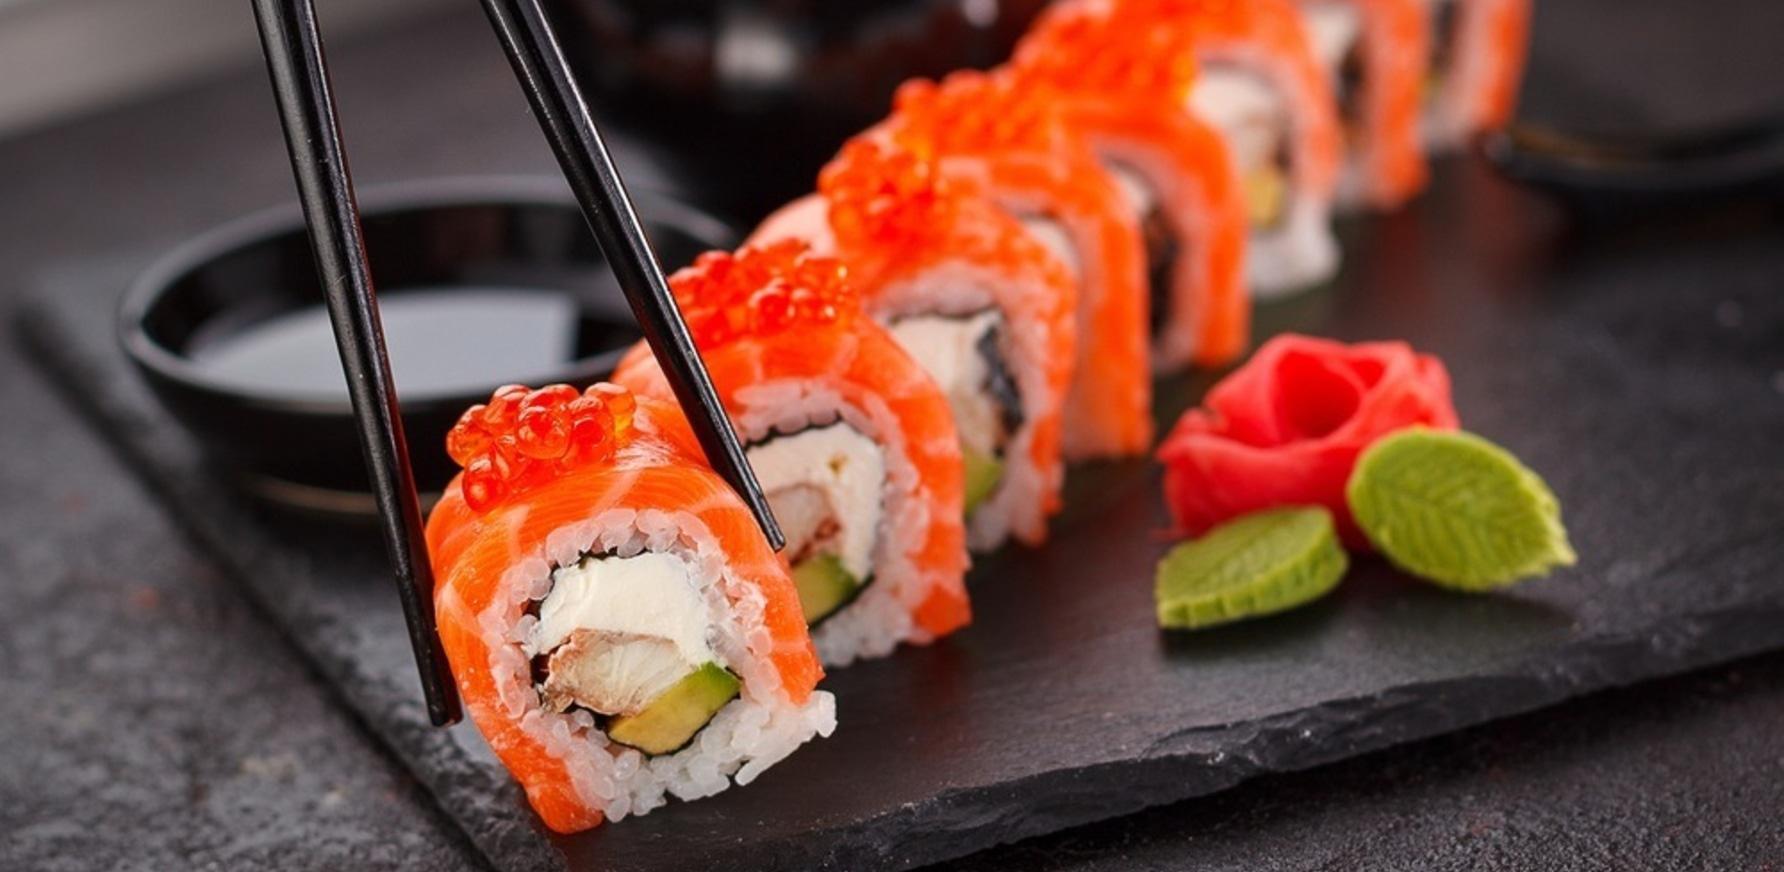 de-skushtuvaty-ta-zamovyty-sushi-v-cherkasah.12@2x